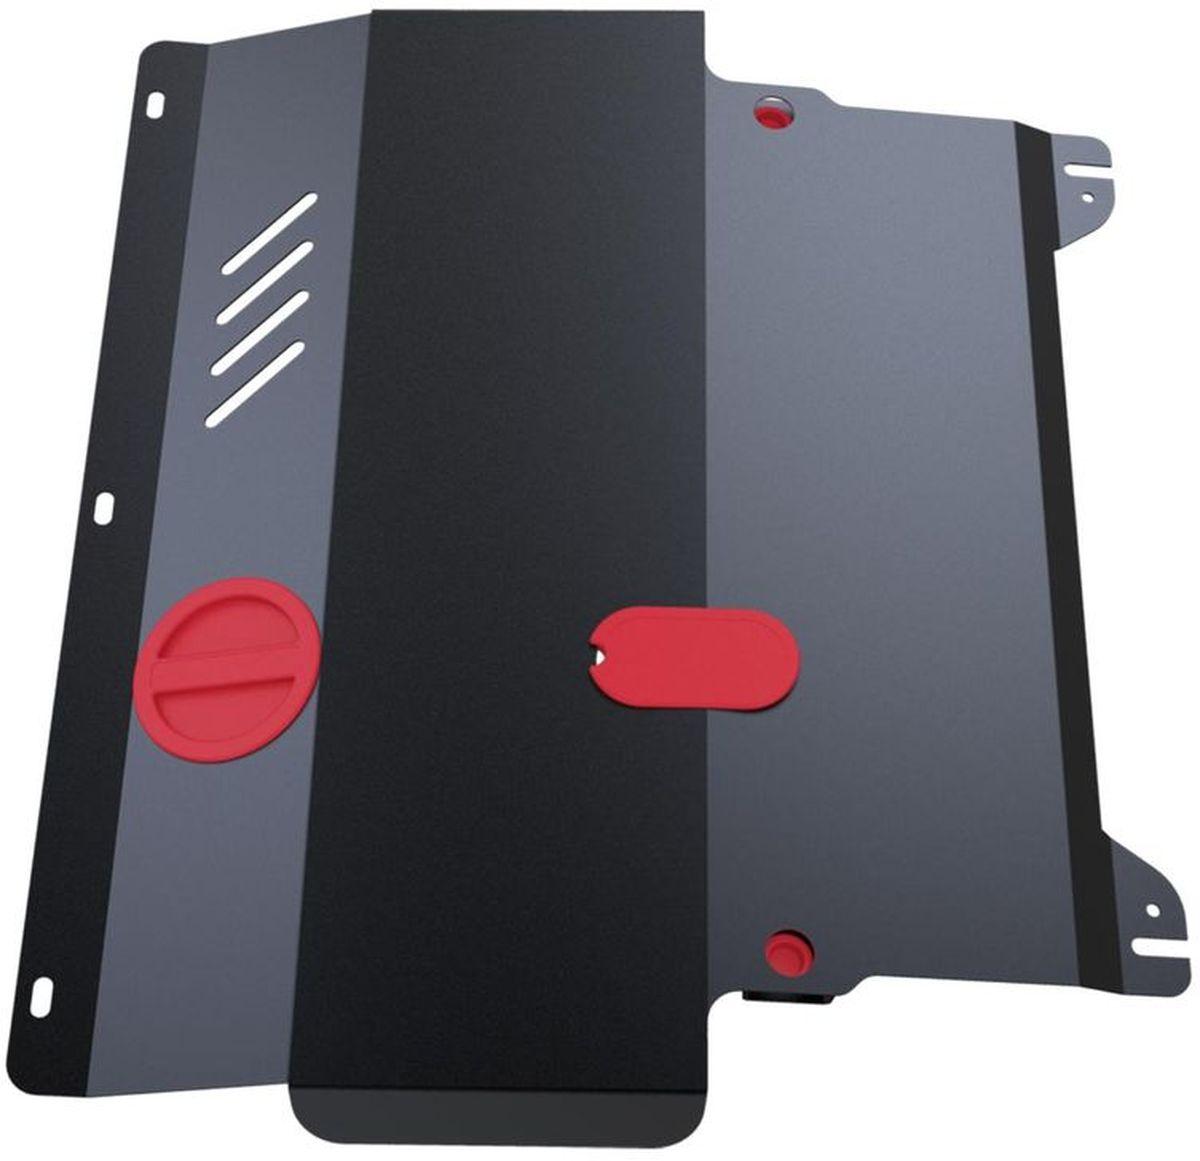 Защита картера Автоброня Subaru Impreza 2007-2011, сталь 2 мм111.05407.1Защита картера Автоброня Subaru Impreza, V - 1,5R; 2,0 R; 2,5 WRX; 2,5 STI 2007-2011, сталь 2 мм, комплект крепежа, 111.05407.1Стальные защиты Автоброня надежно защищают ваш автомобиль от повреждений при наезде на бордюры, выступающие канализационные люки, кромки поврежденного асфальта или при ремонте дорог, не говоря уже о загородных дорогах.- Имеют оптимальное соотношение цена-качество.- Спроектированы с учетом особенностей автомобиля, что делает установку удобной.- Защита устанавливается в штатные места кузова автомобиля.- Является надежной защитой для важных элементов на протяжении долгих лет.- Глубокий штамп дополнительно усиливает конструкцию защиты.- Подштамповка в местах крепления защищает крепеж от срезания.- Технологические отверстия там, где они необходимы для смены масла и слива воды, оборудованные заглушками, закрепленными на защите.Толщина стали 2 мм.В комплекте крепеж и инструкция по установке.Уважаемые клиенты!Обращаем ваше внимание на тот факт, что защита имеет форму, соответствующую модели данного автомобиля. Наличие глубокого штампа и лючков для смены фильтров/масла предусмотрено не на всех защитах. Фото служит для визуального восприятия товара.